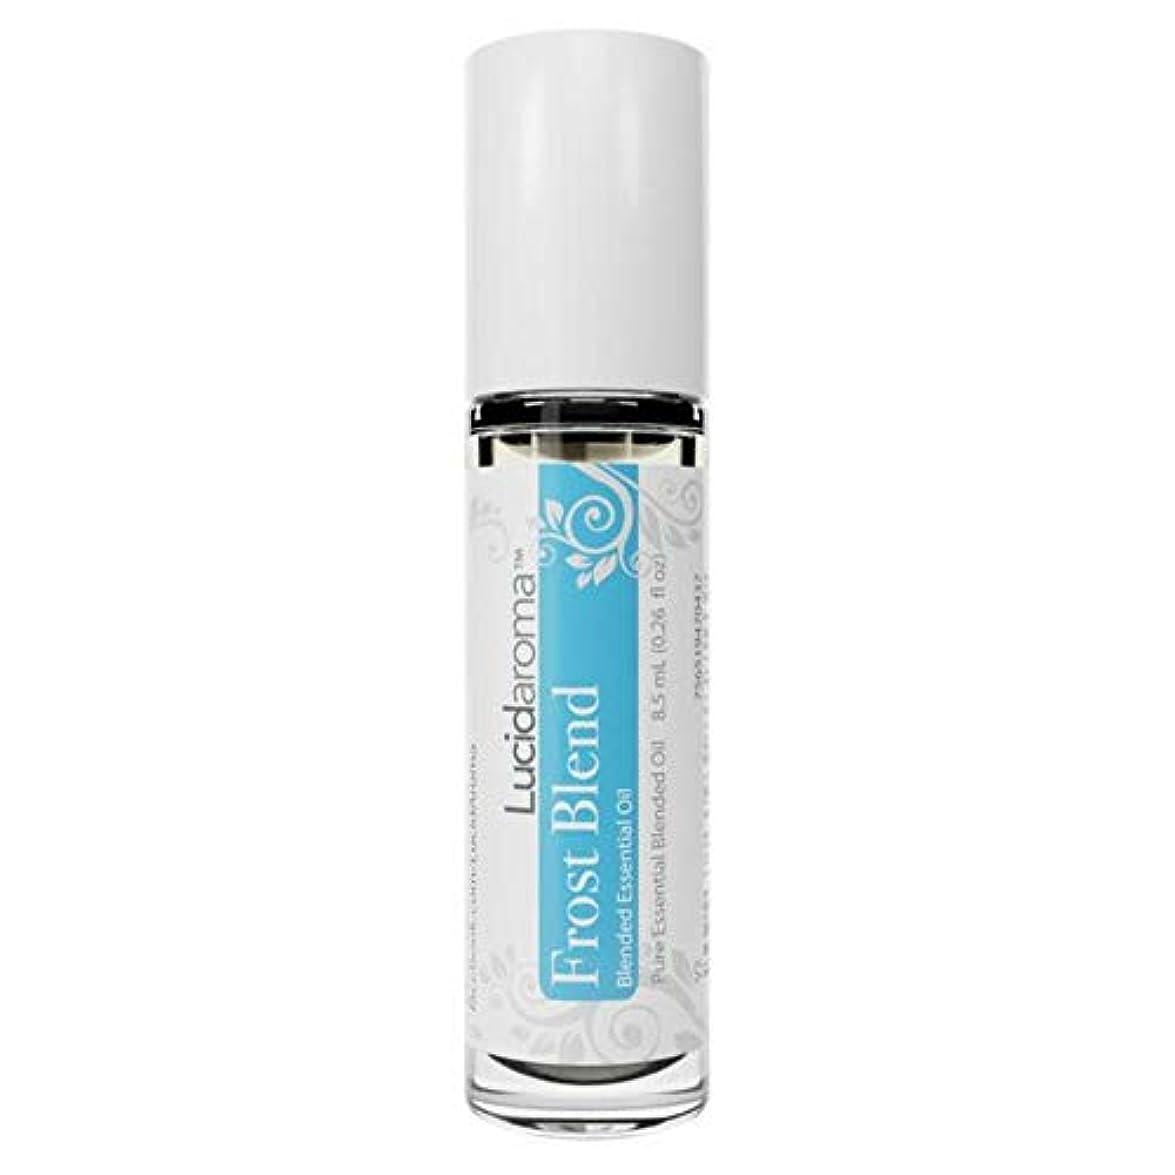 アクロバット速報リングレットLucid Aroma Frost Blend フロスト ブレンド ロールオン アロマオイル 8.5mL (塗るアロマ) 100%天然 携帯便利 ピュア エッセンシャル アメリカ製